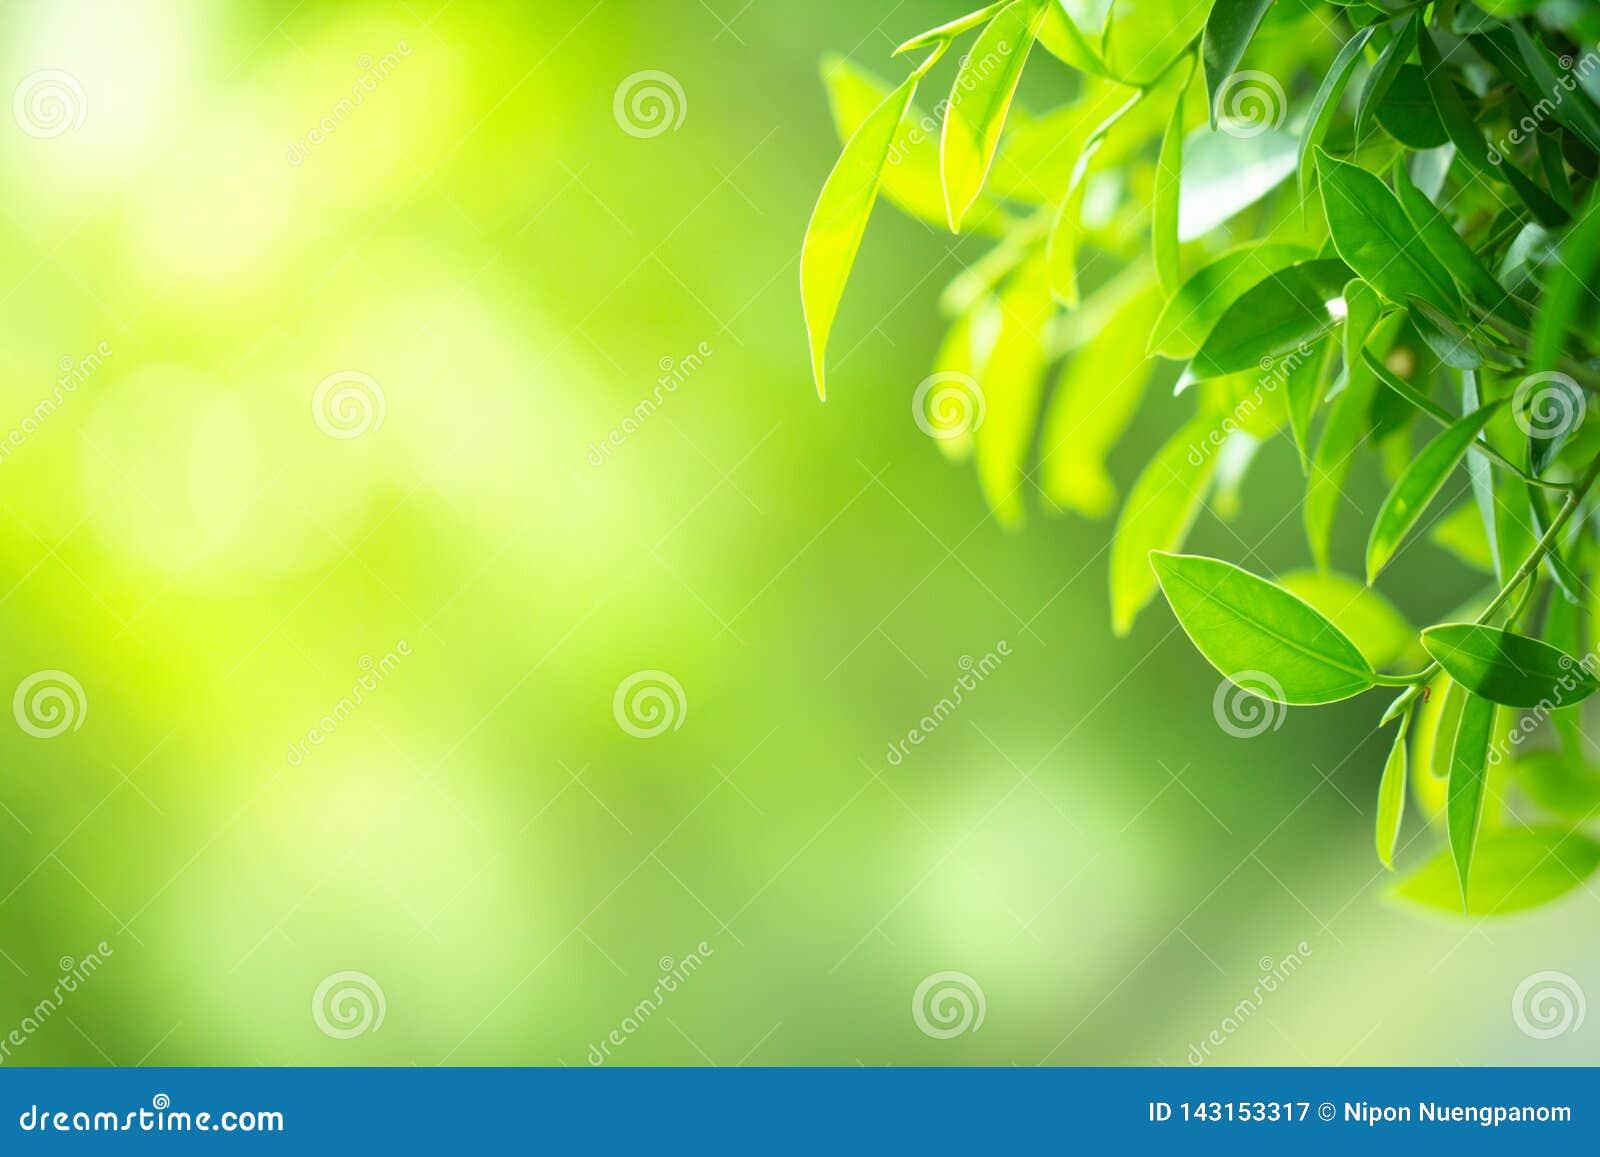 Closeup green leaf on blurred bokeh background